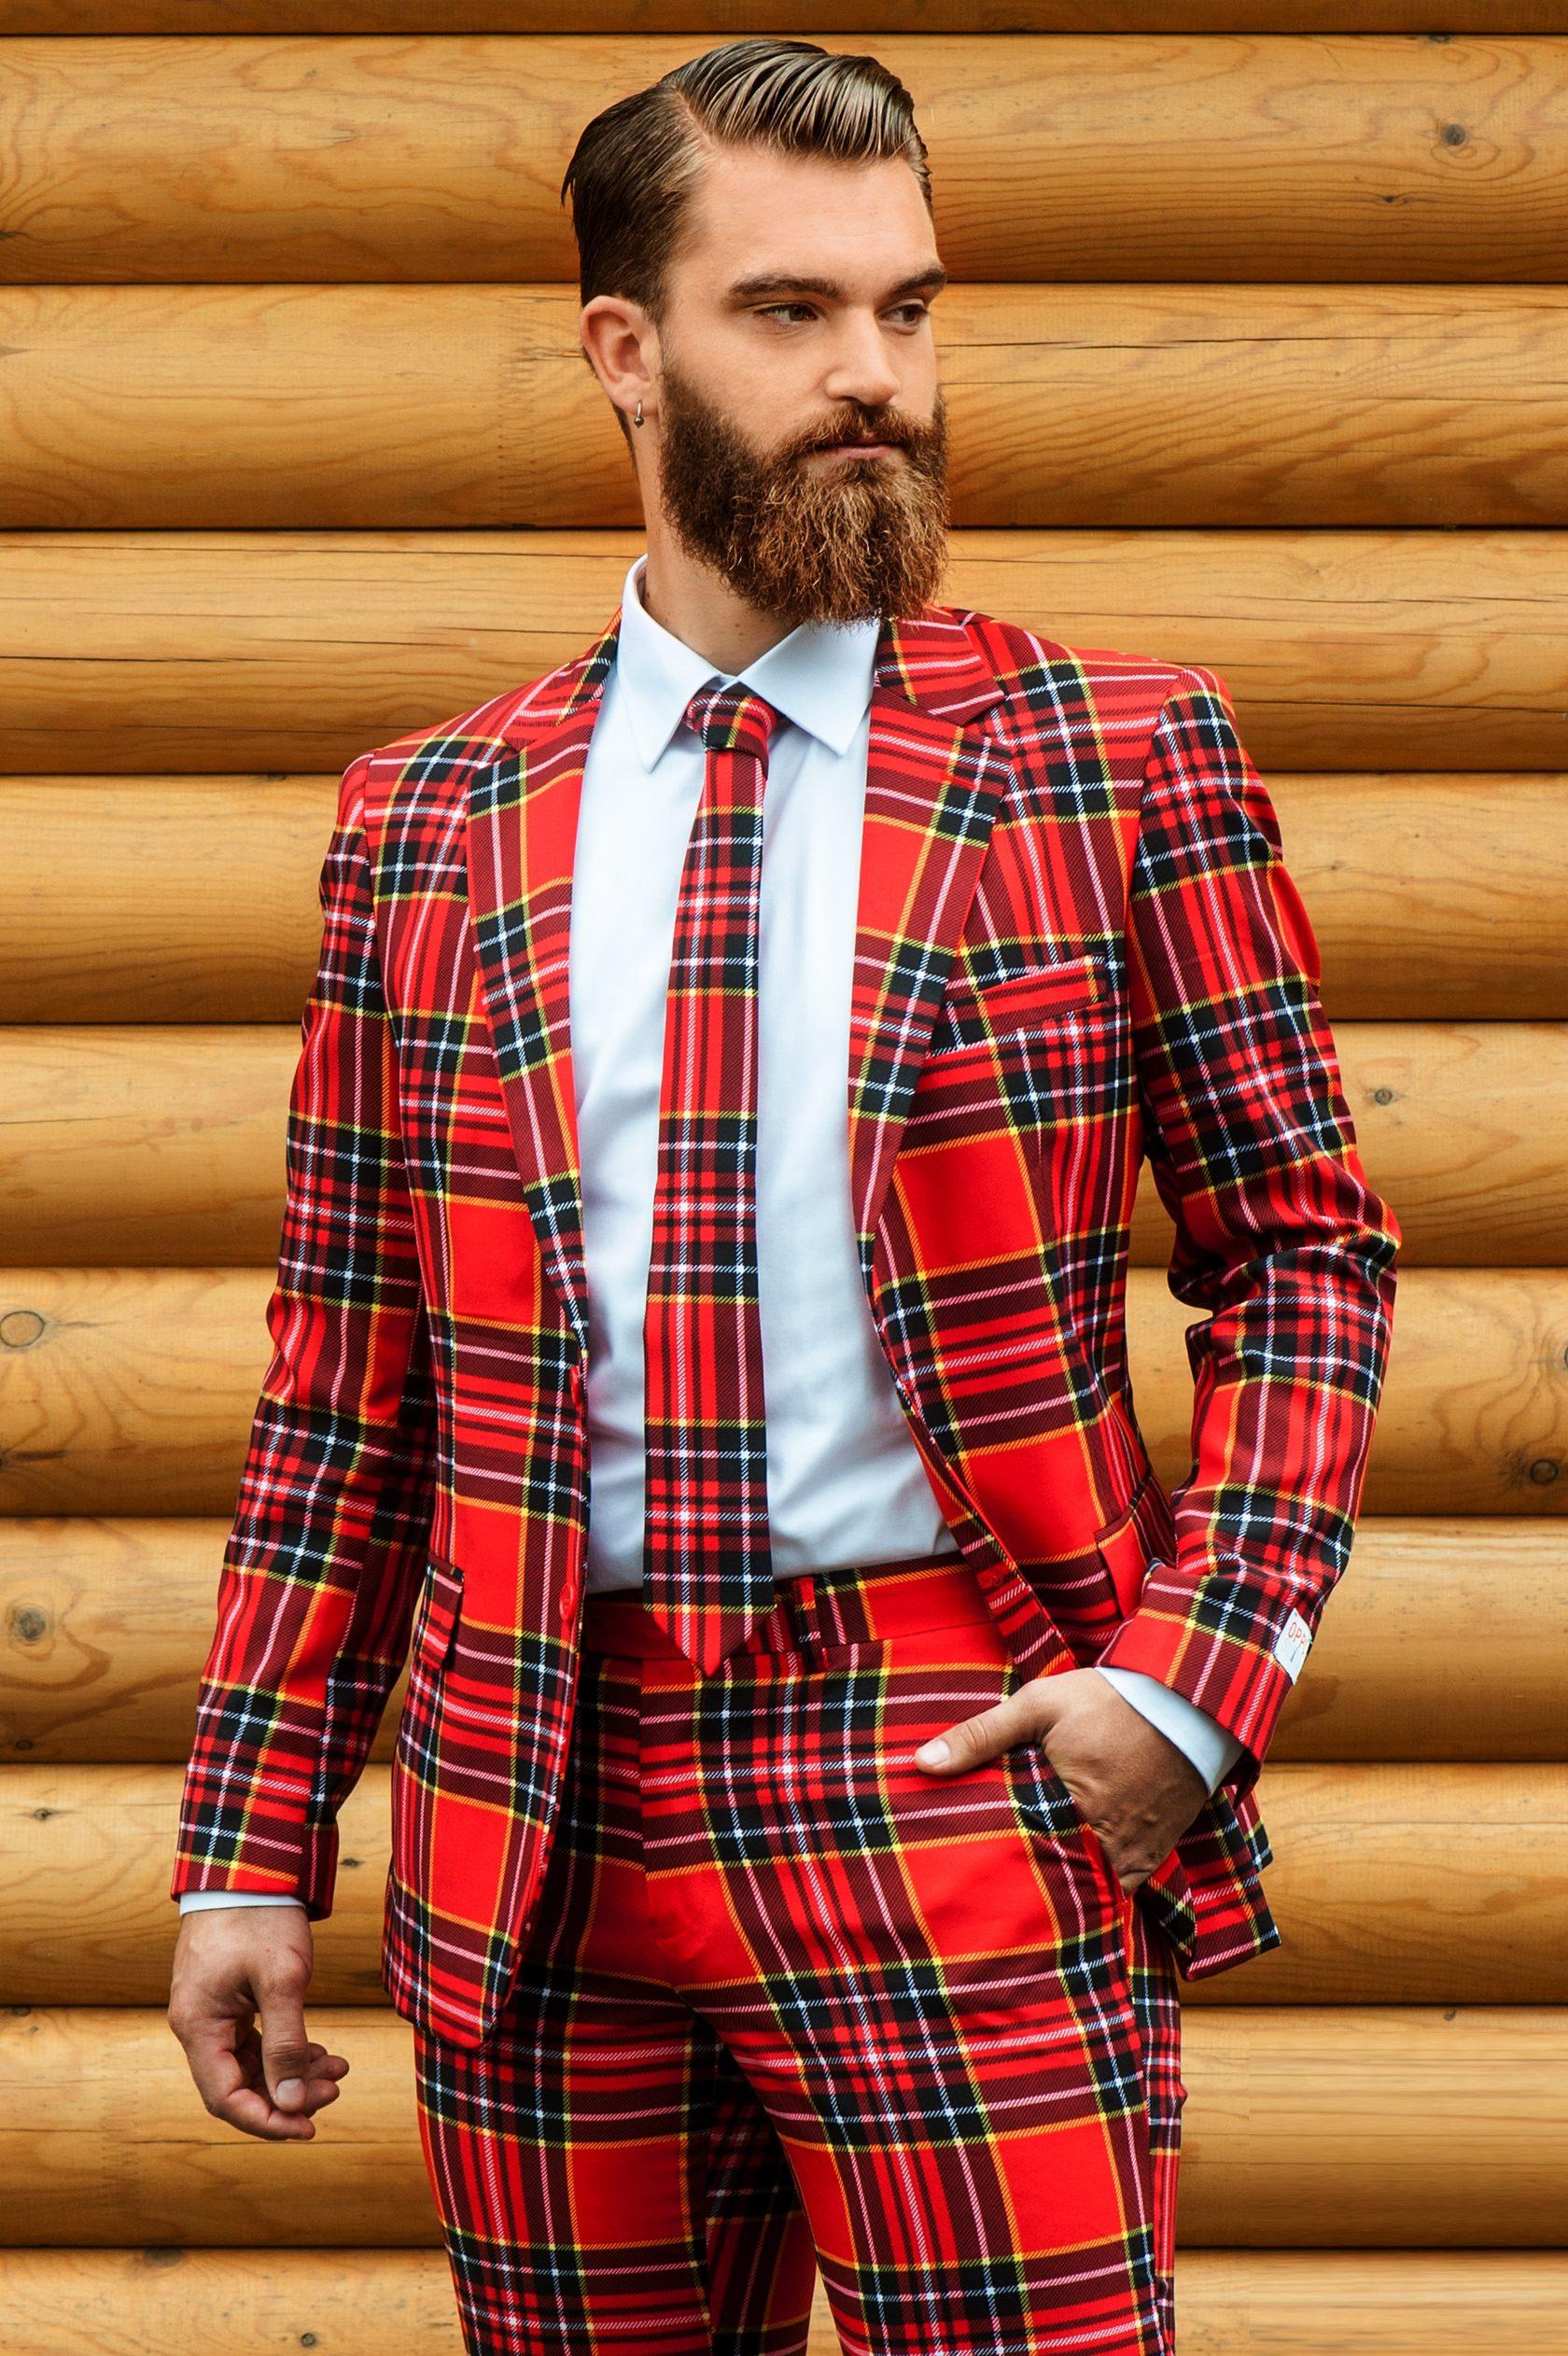 Lumberjack adult